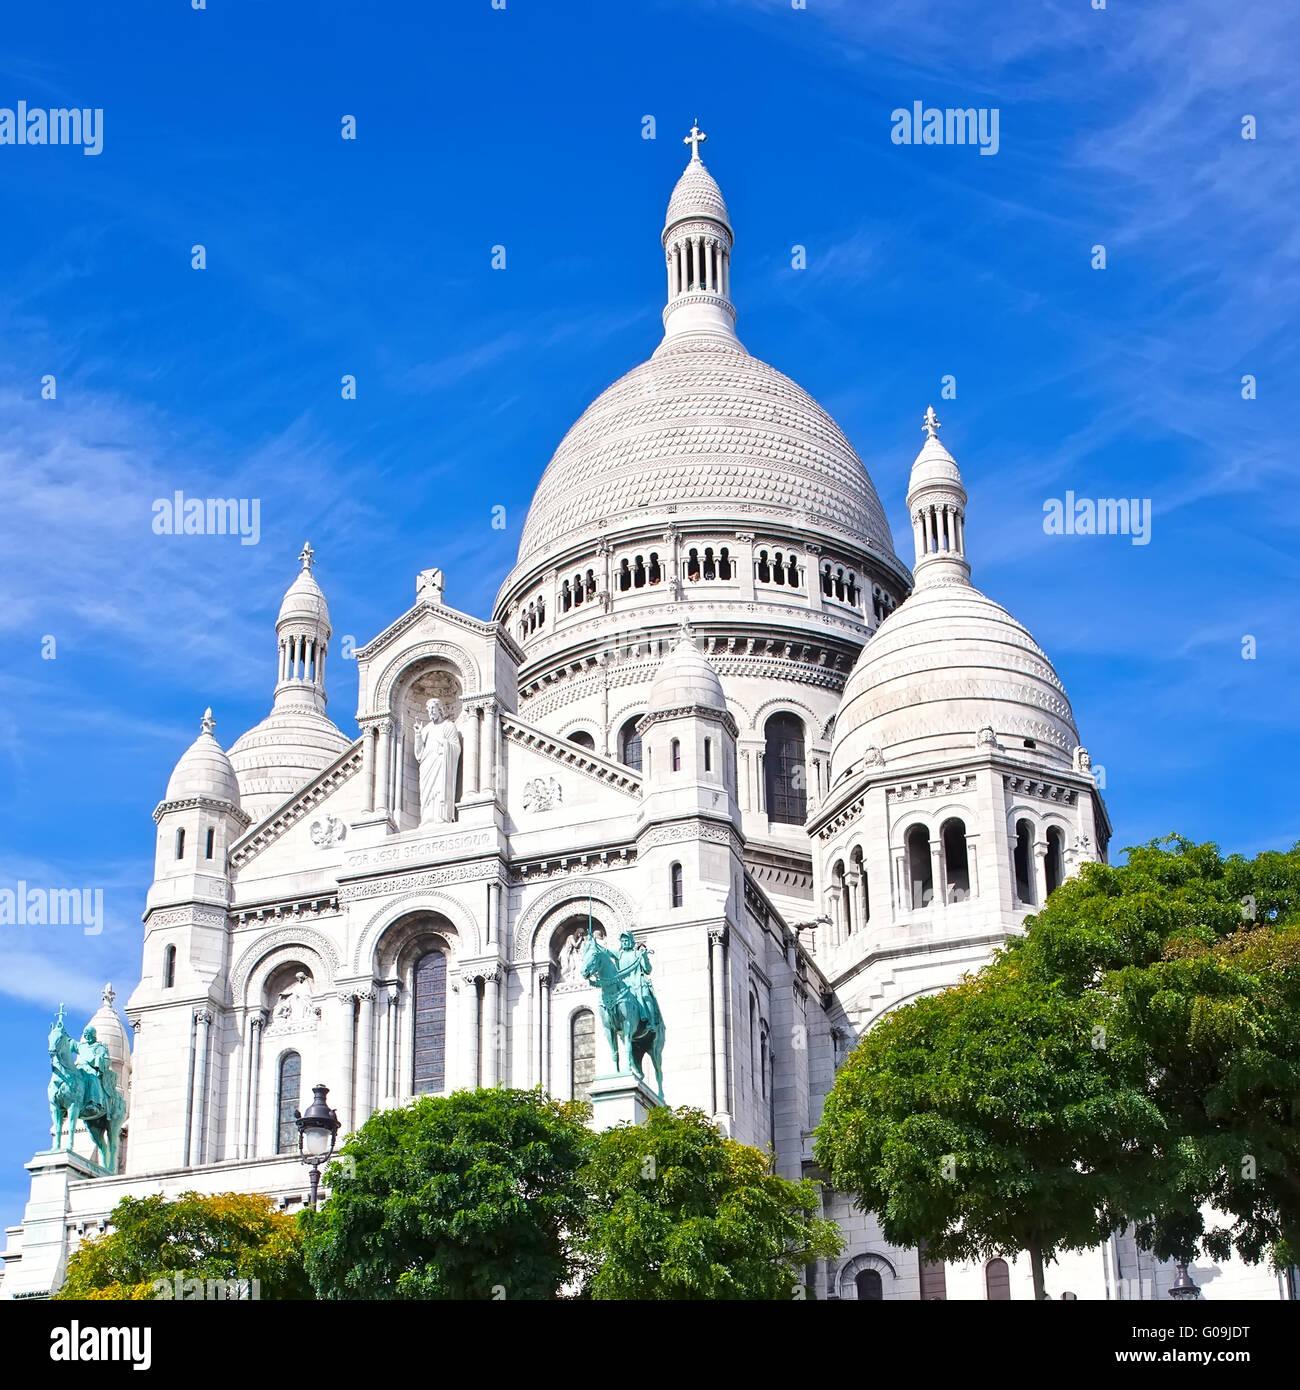 Sacre Coeur in Paris - Stock Image